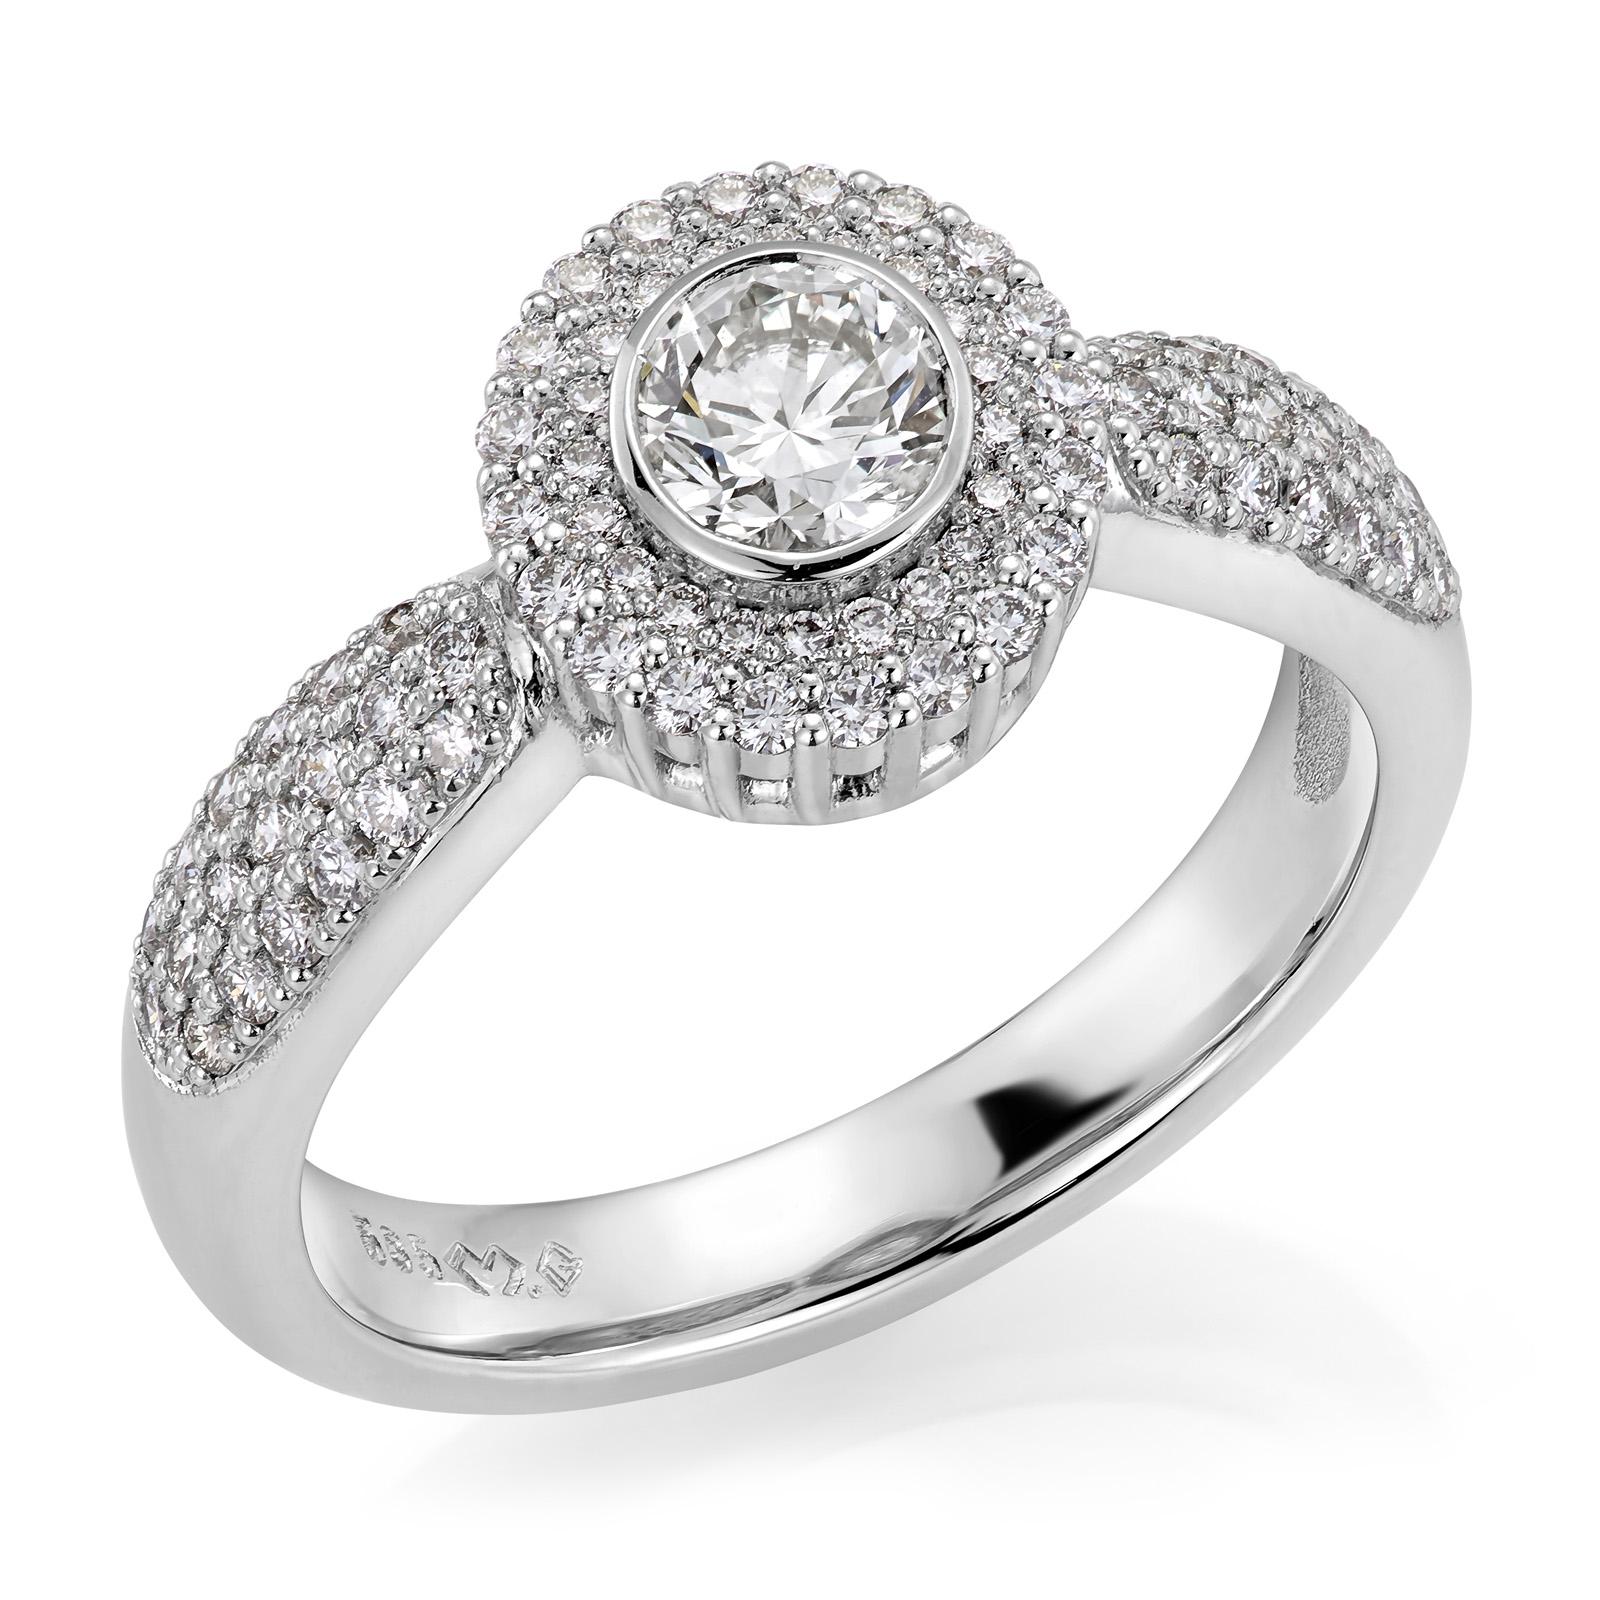 Mestergull Spesialutviklet ring for kunde i hvitt gull med 79 diamanter, totalt 1,46 ct. HSI. Senterstenen er 0,80 ct. og pavèringen er utført med billianter i størrelser mellom 1,0 og 1,4 mm DESIGN STUDIO Spesialdesign Ring